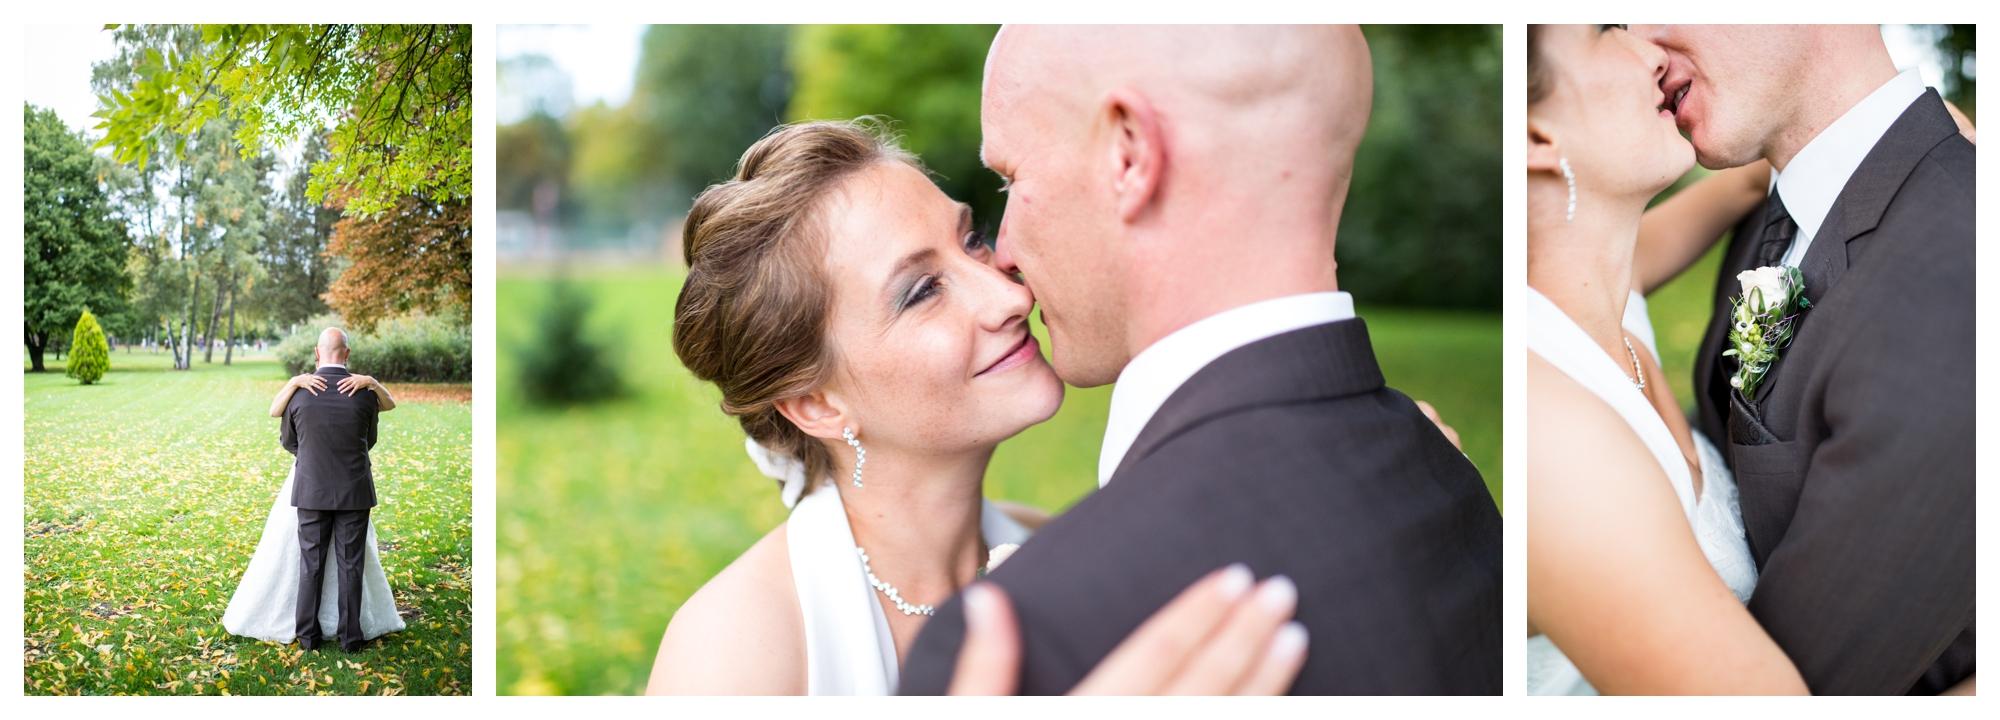 Fotograf Konstanz - 2013 12 09 0024 - Als Hochzeitsfotograf in Bad Dürrheim unterwegs  - 41 -